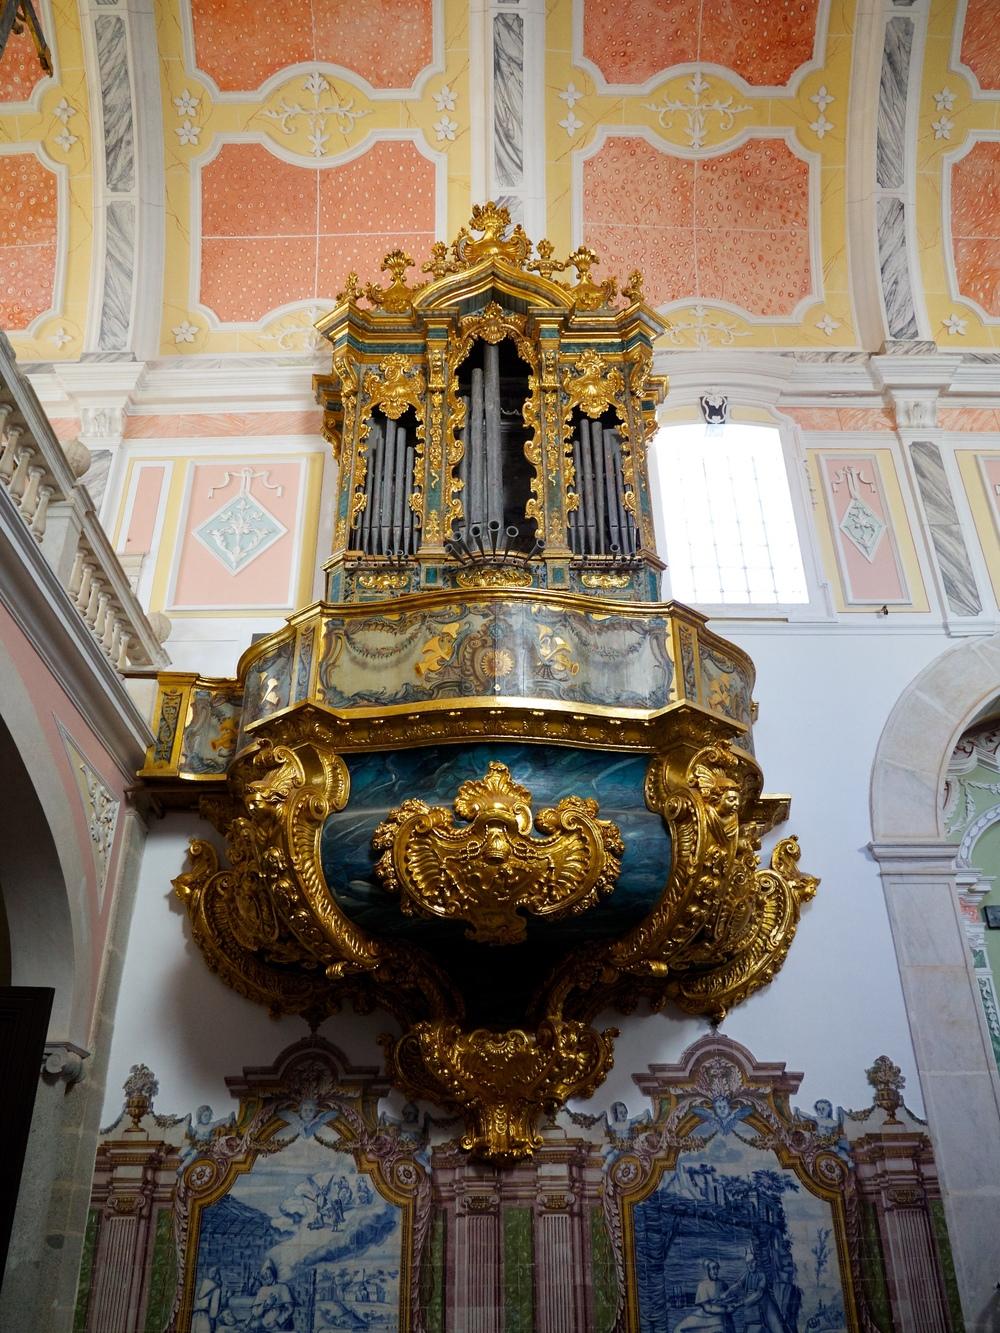 Convento-do-Espinheiro-avril-2012-82.jpg